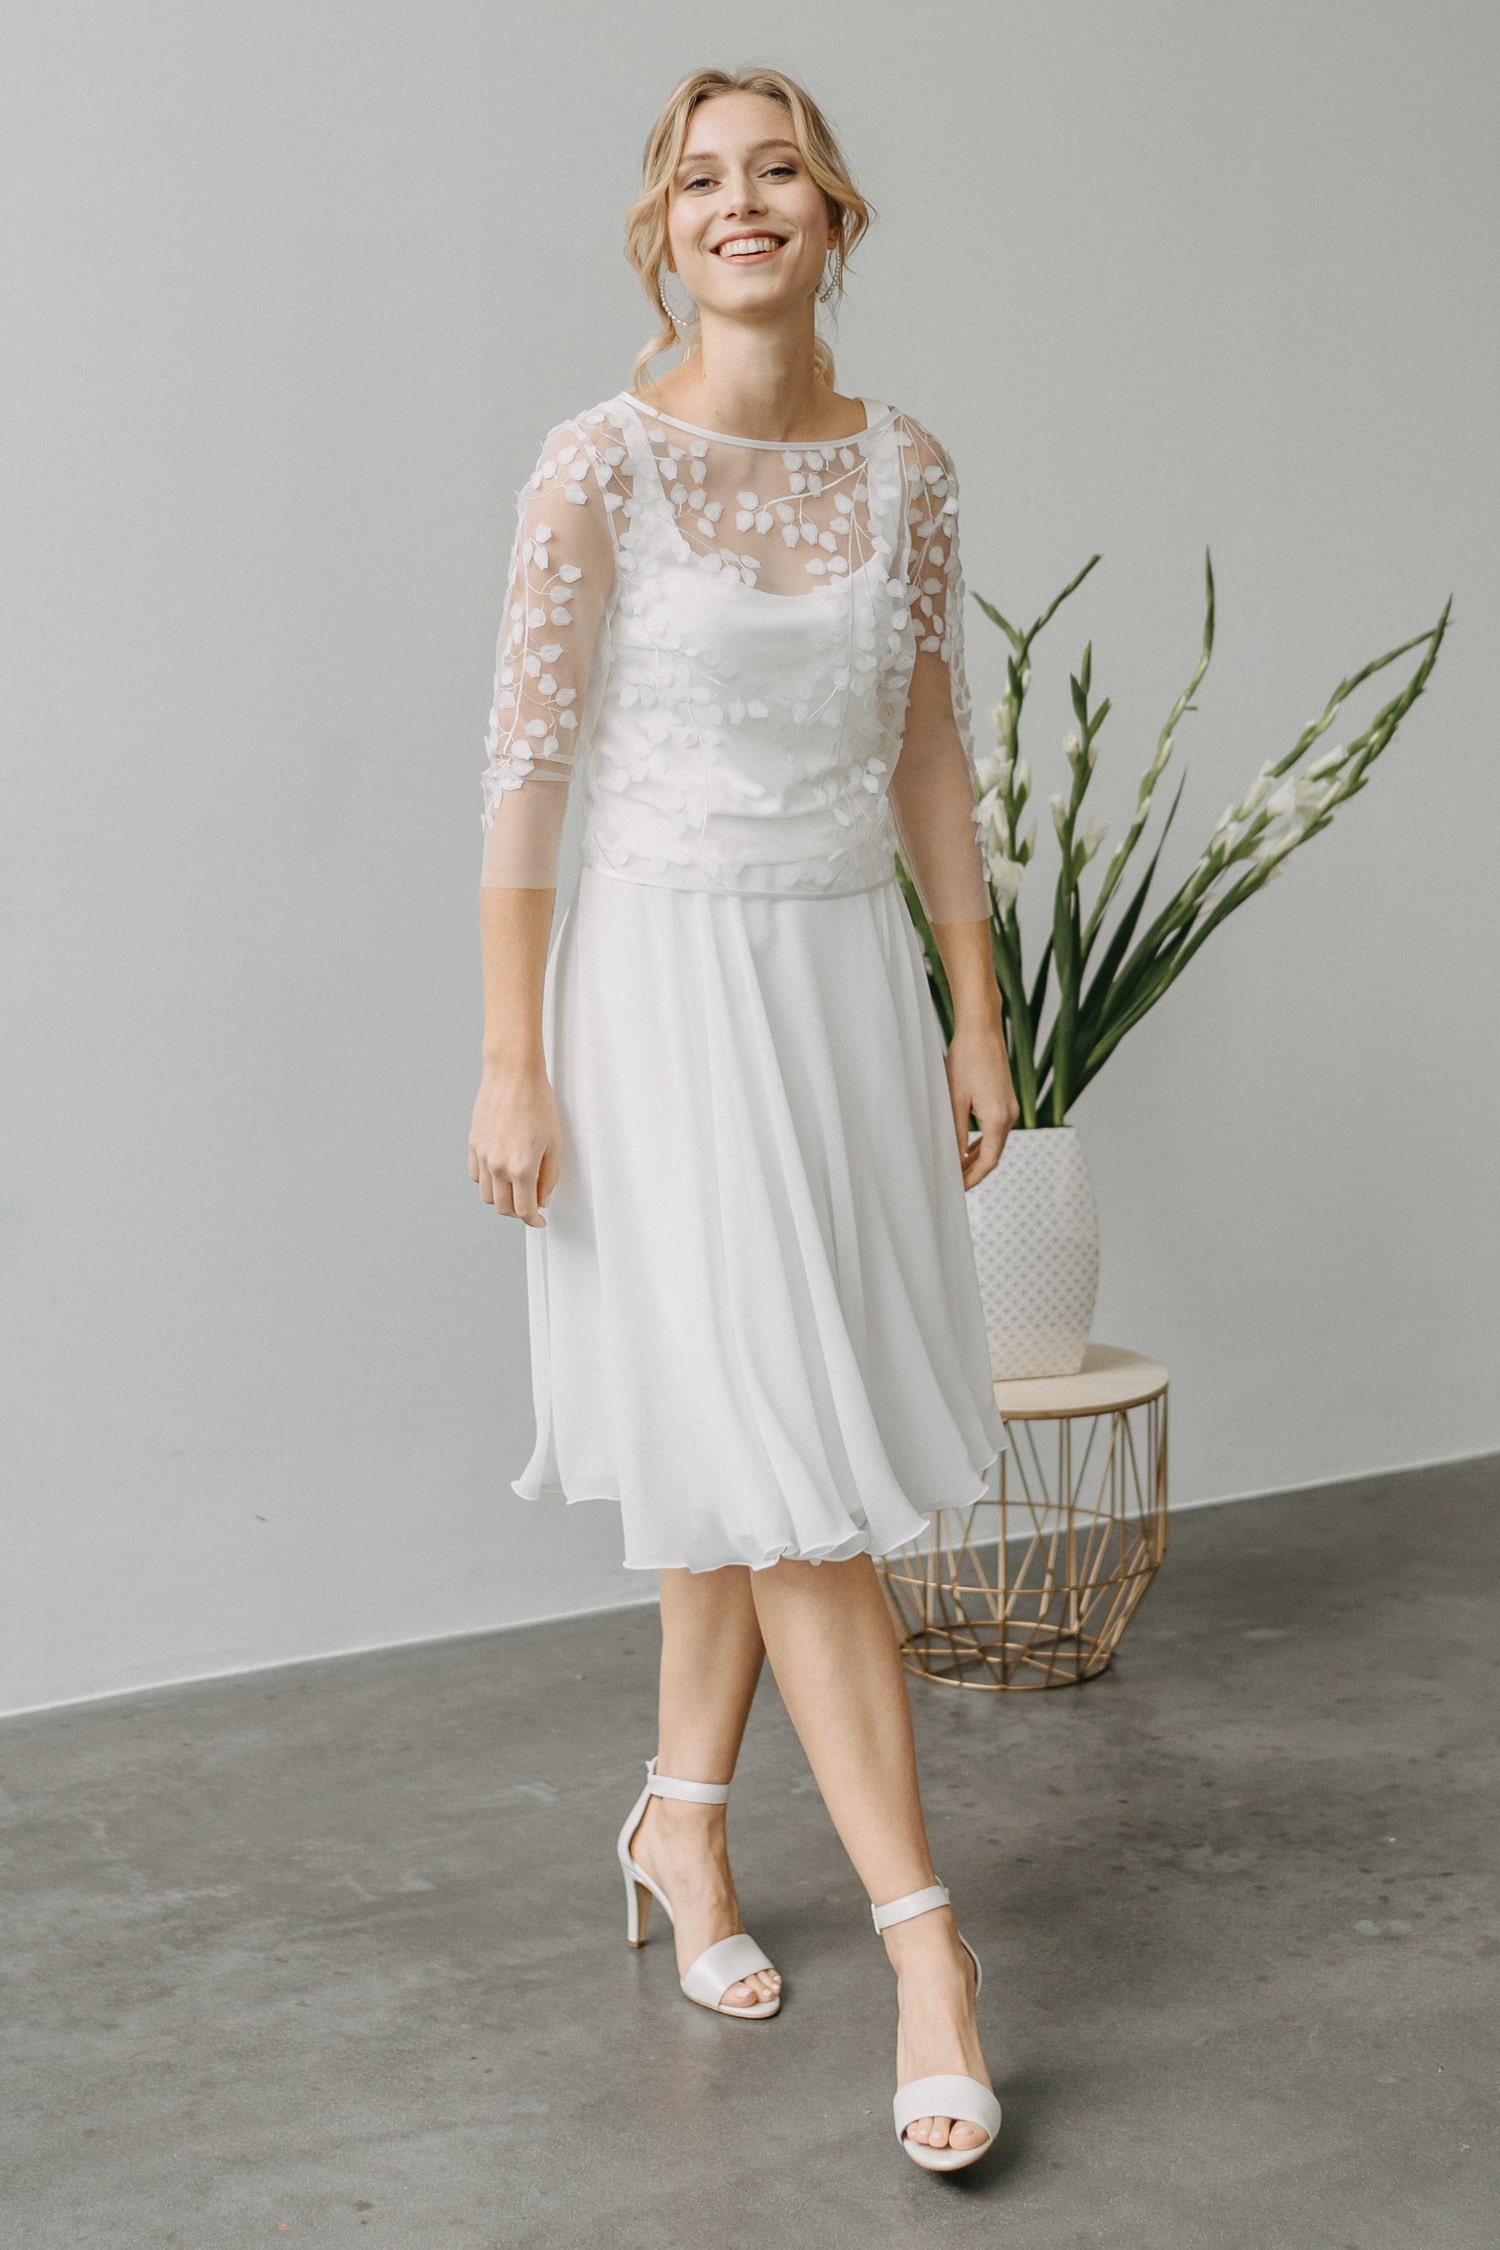 kurzes Hochzeitskleid mit austauschbarem Rock – gesehen bei frauimmer-herrewig.de